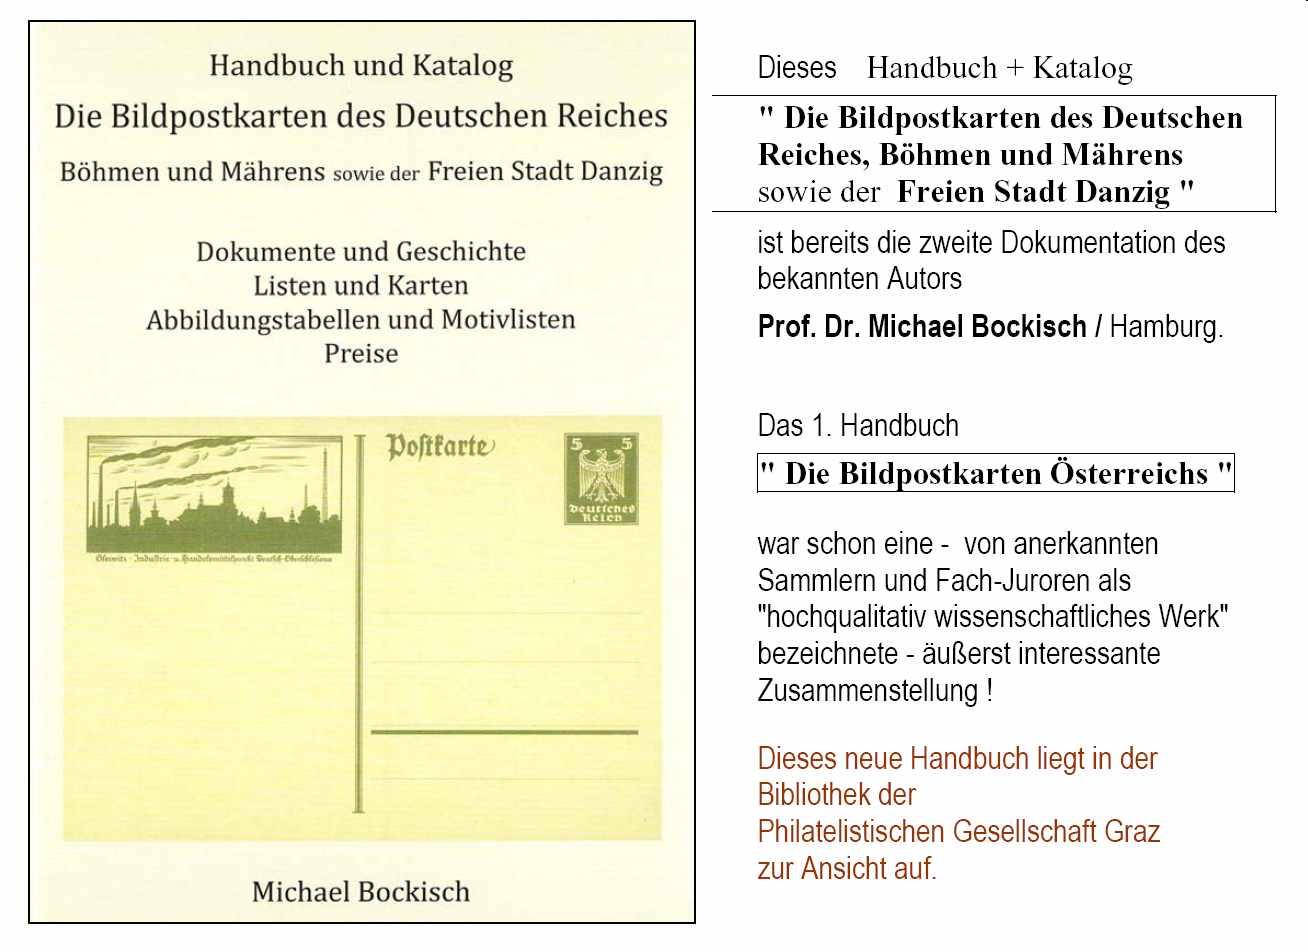 BPK-DR_Bockisch_HB-2